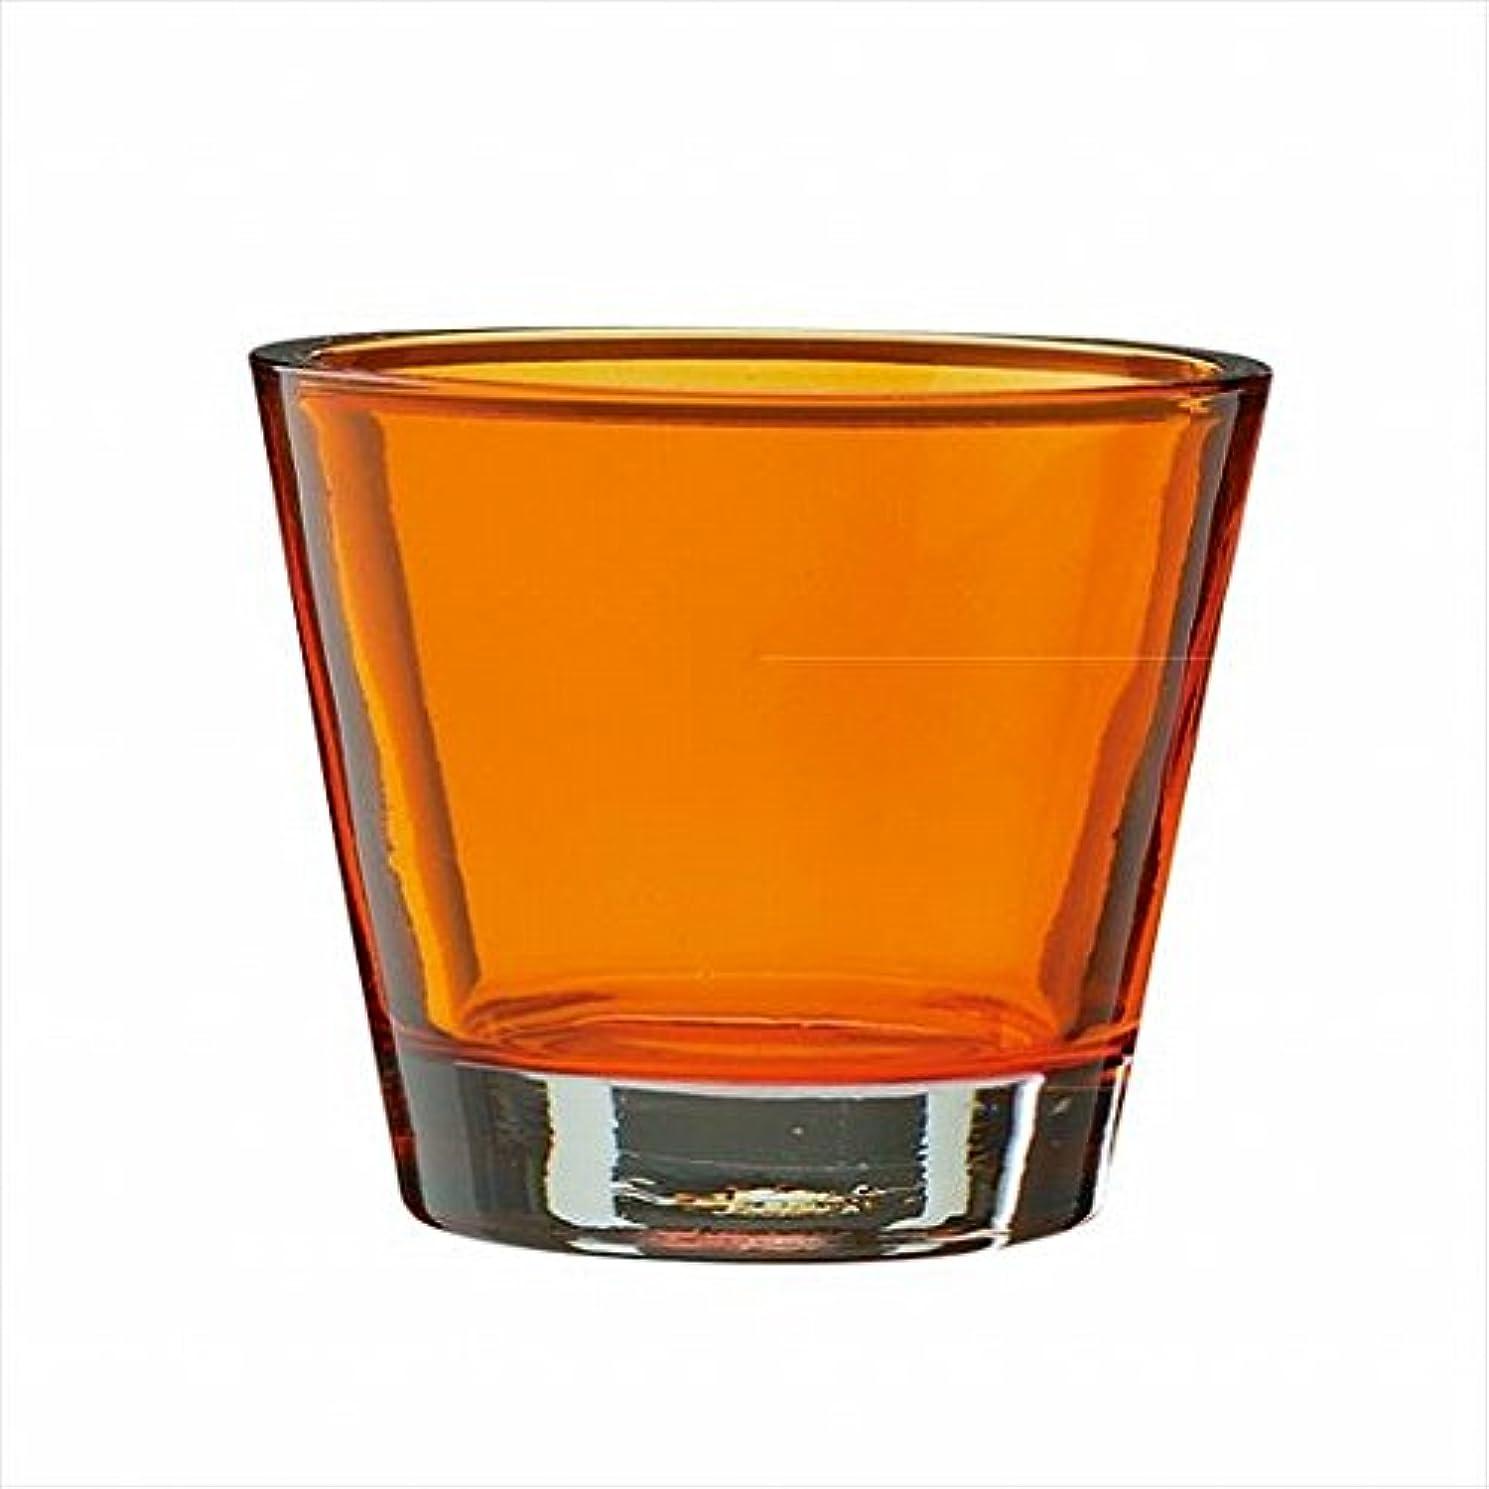 結婚した憂慮すべき付録カメヤマキャンドル(kameyama candle) カラリス 「 オレンジ 」